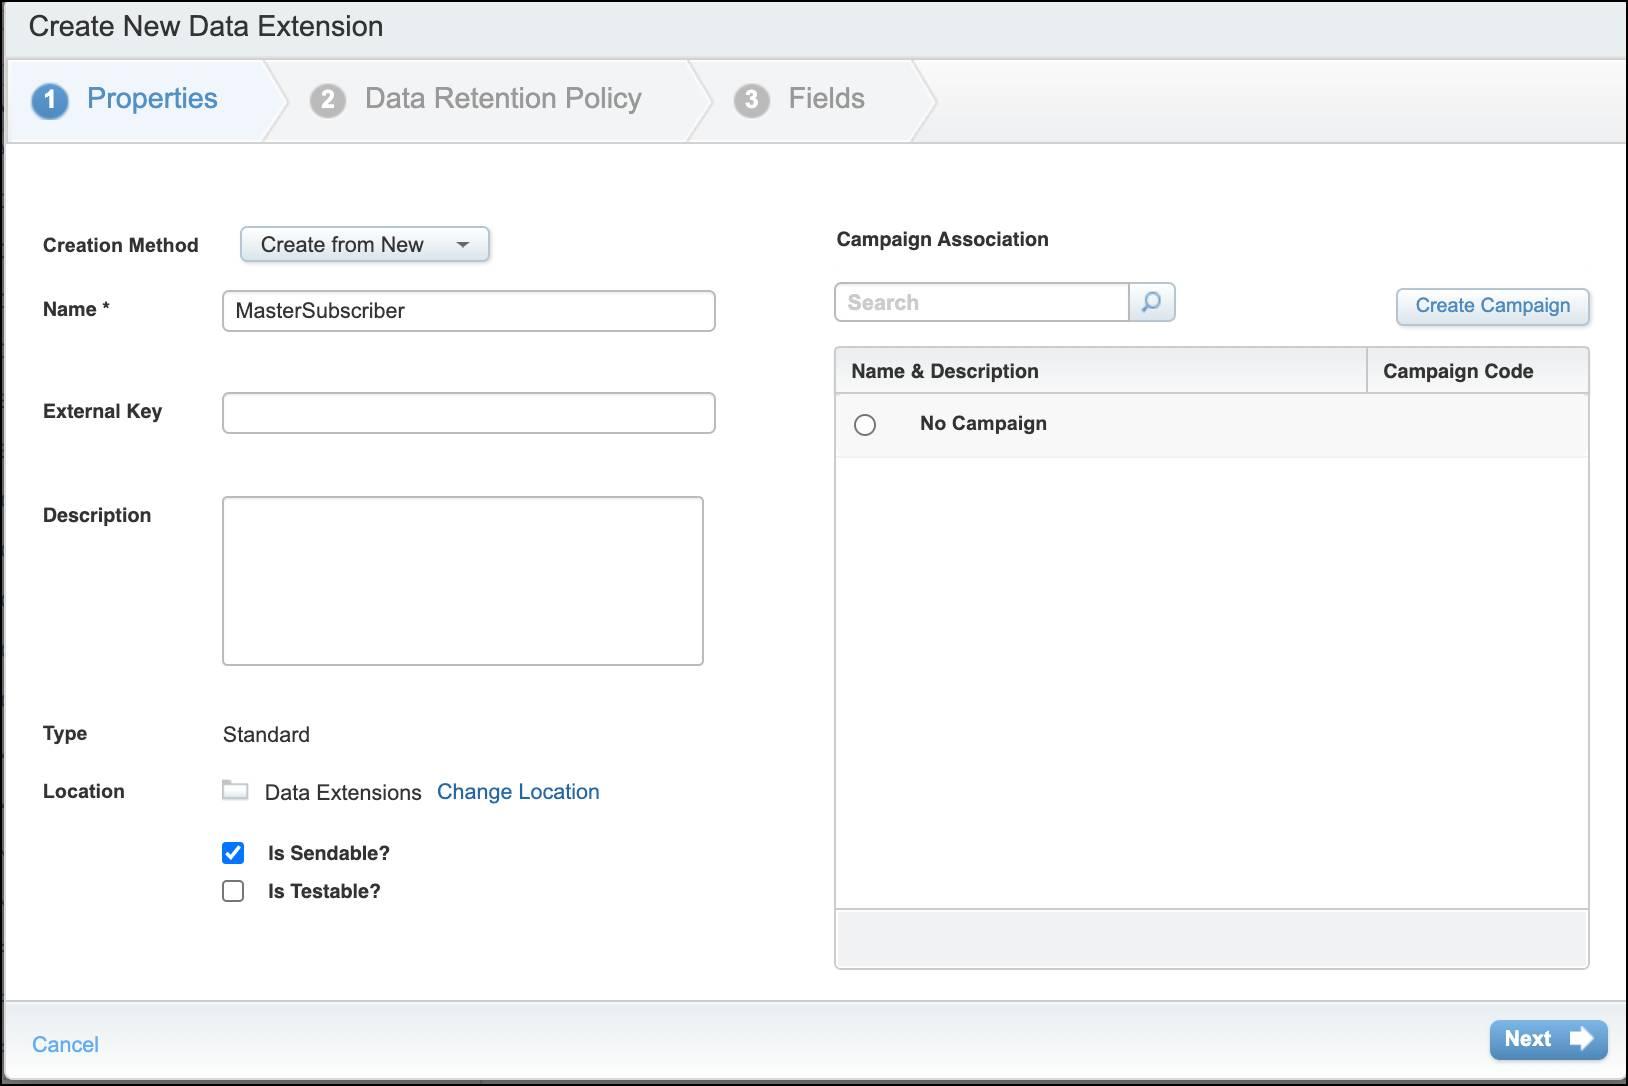 Ajout de propriétés dans la boîte de dialogue Créer une nouvelle extension de données.